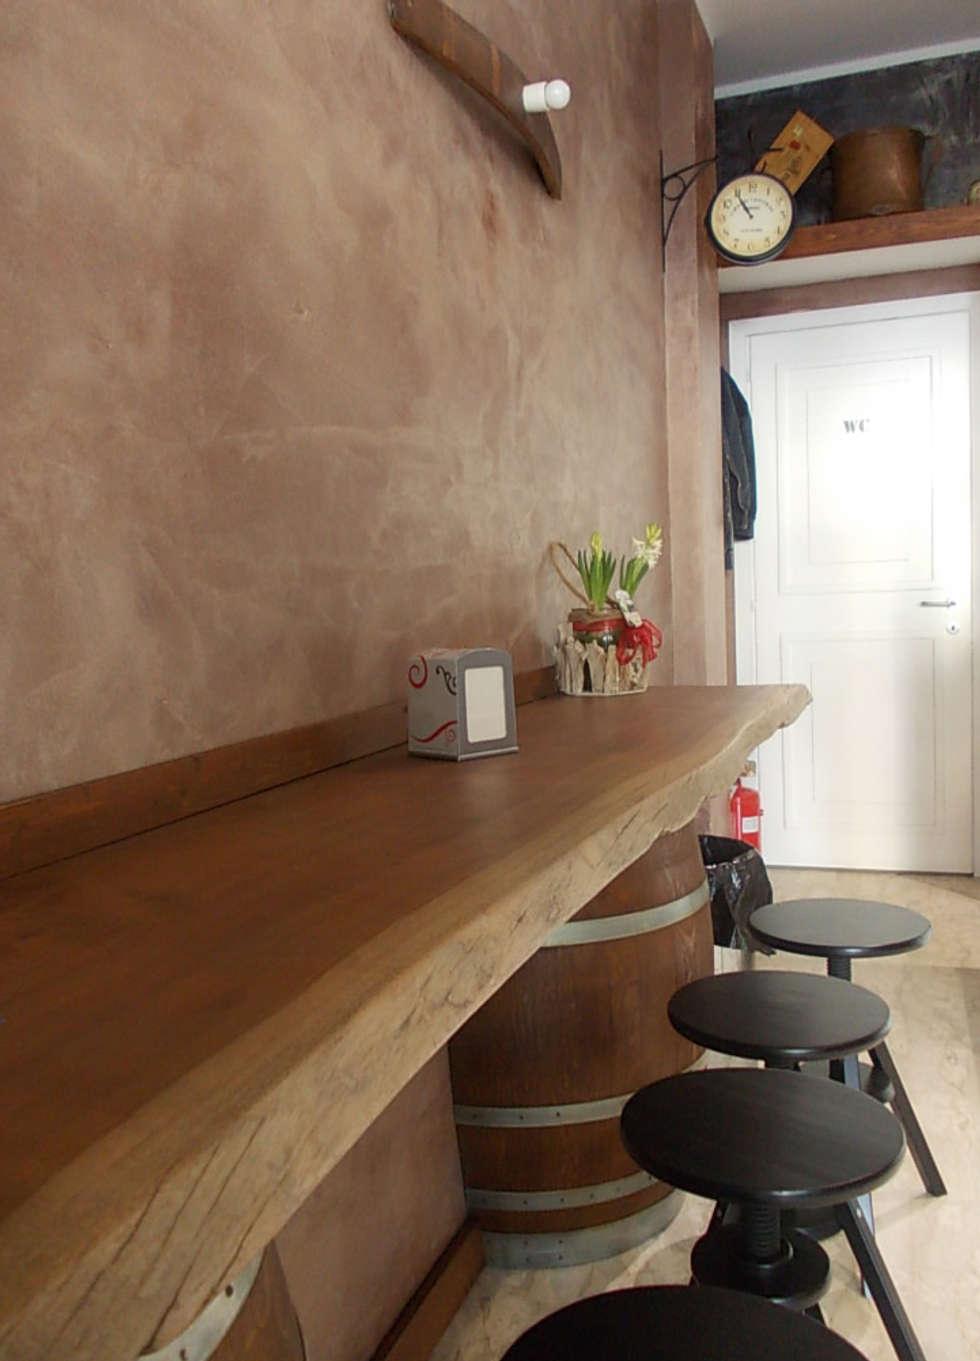 Banco laterale: Negozi & Locali commerciali in stile  di Studio tecnico associato 'Il Progetto'